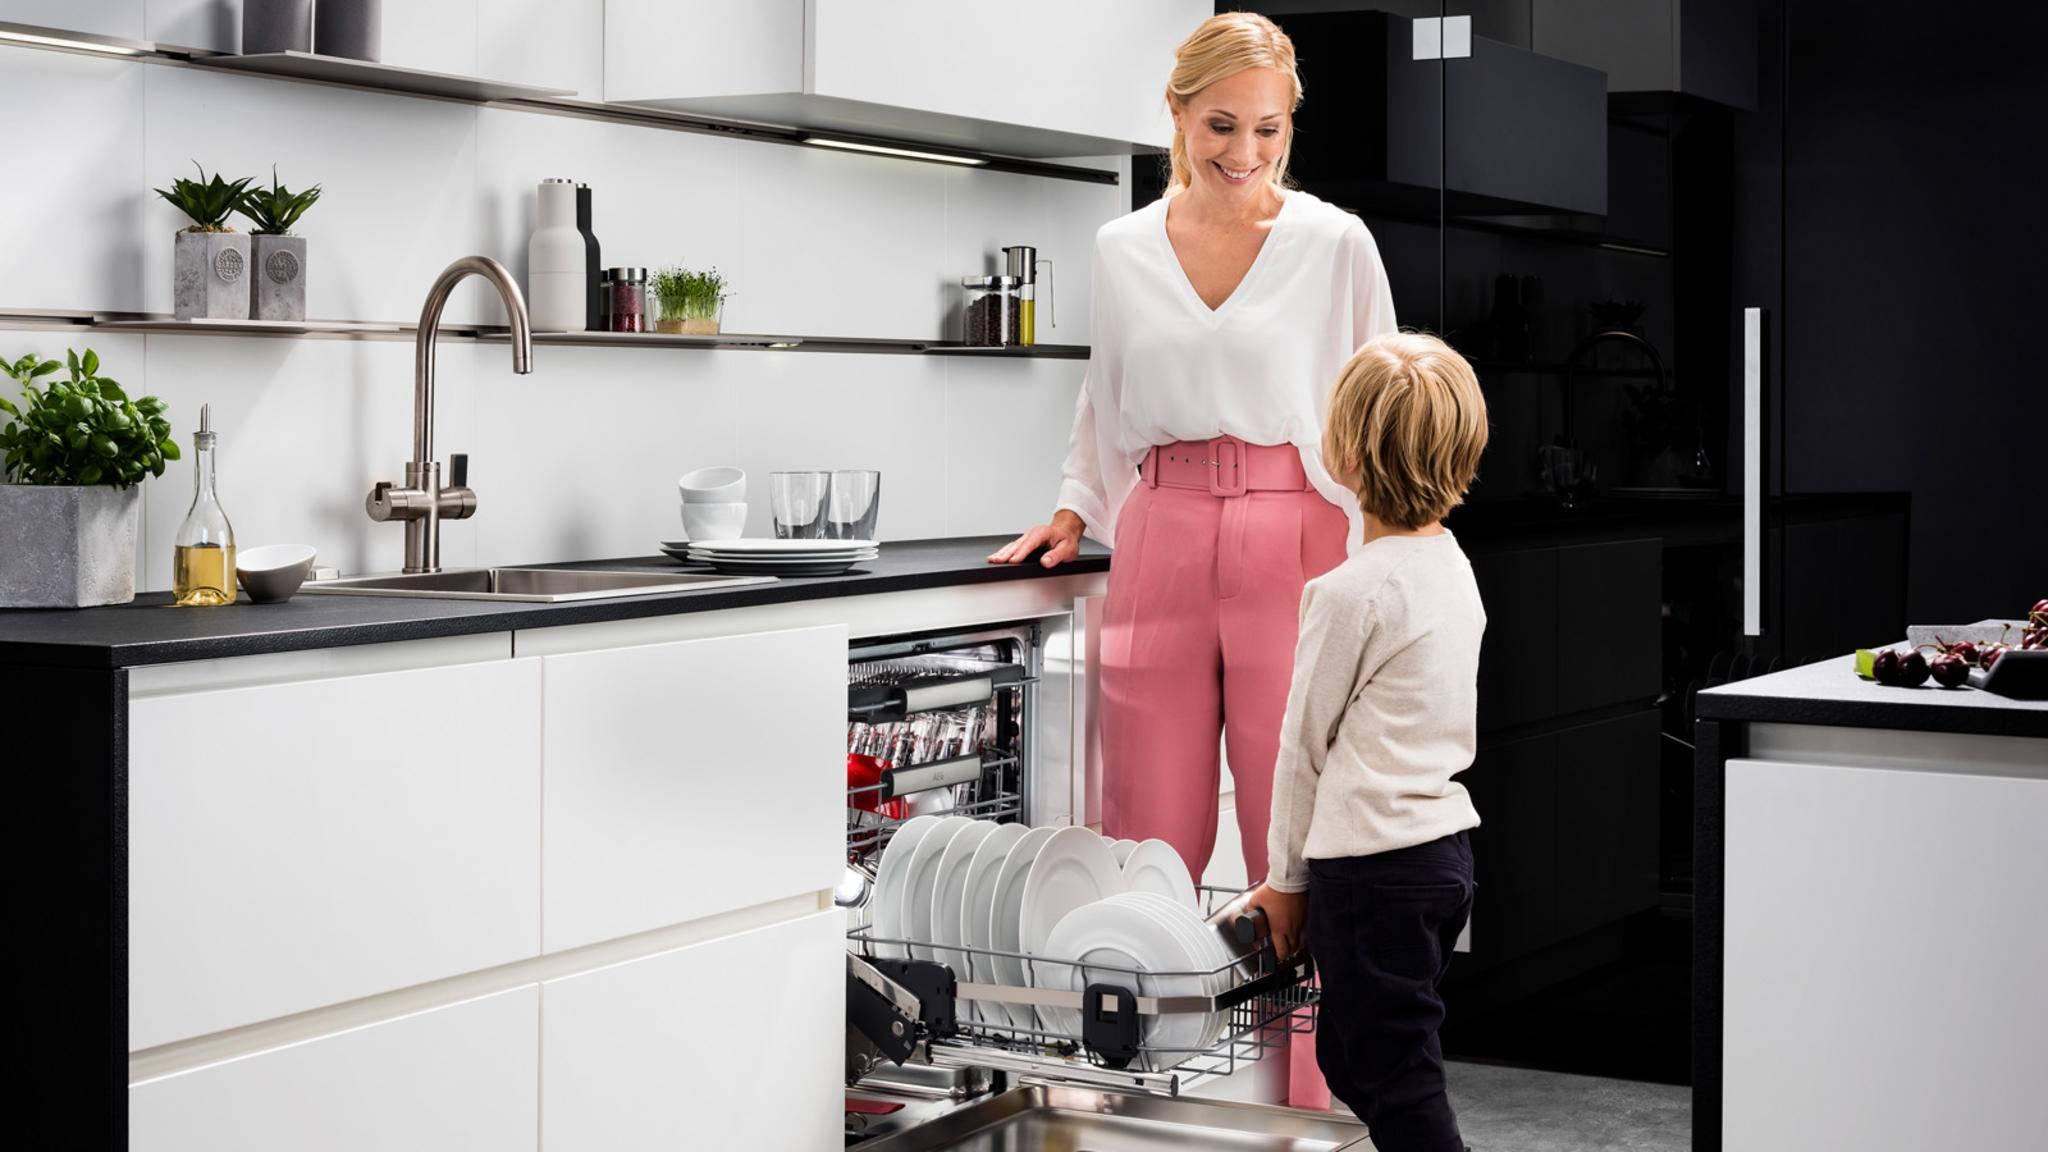 Der untere Geschirrkorb des AEG-Geschirrspülers lässt sich kinderleicht nach oben ziehen und ohne Tellerklappern wieder nach unten schieben.